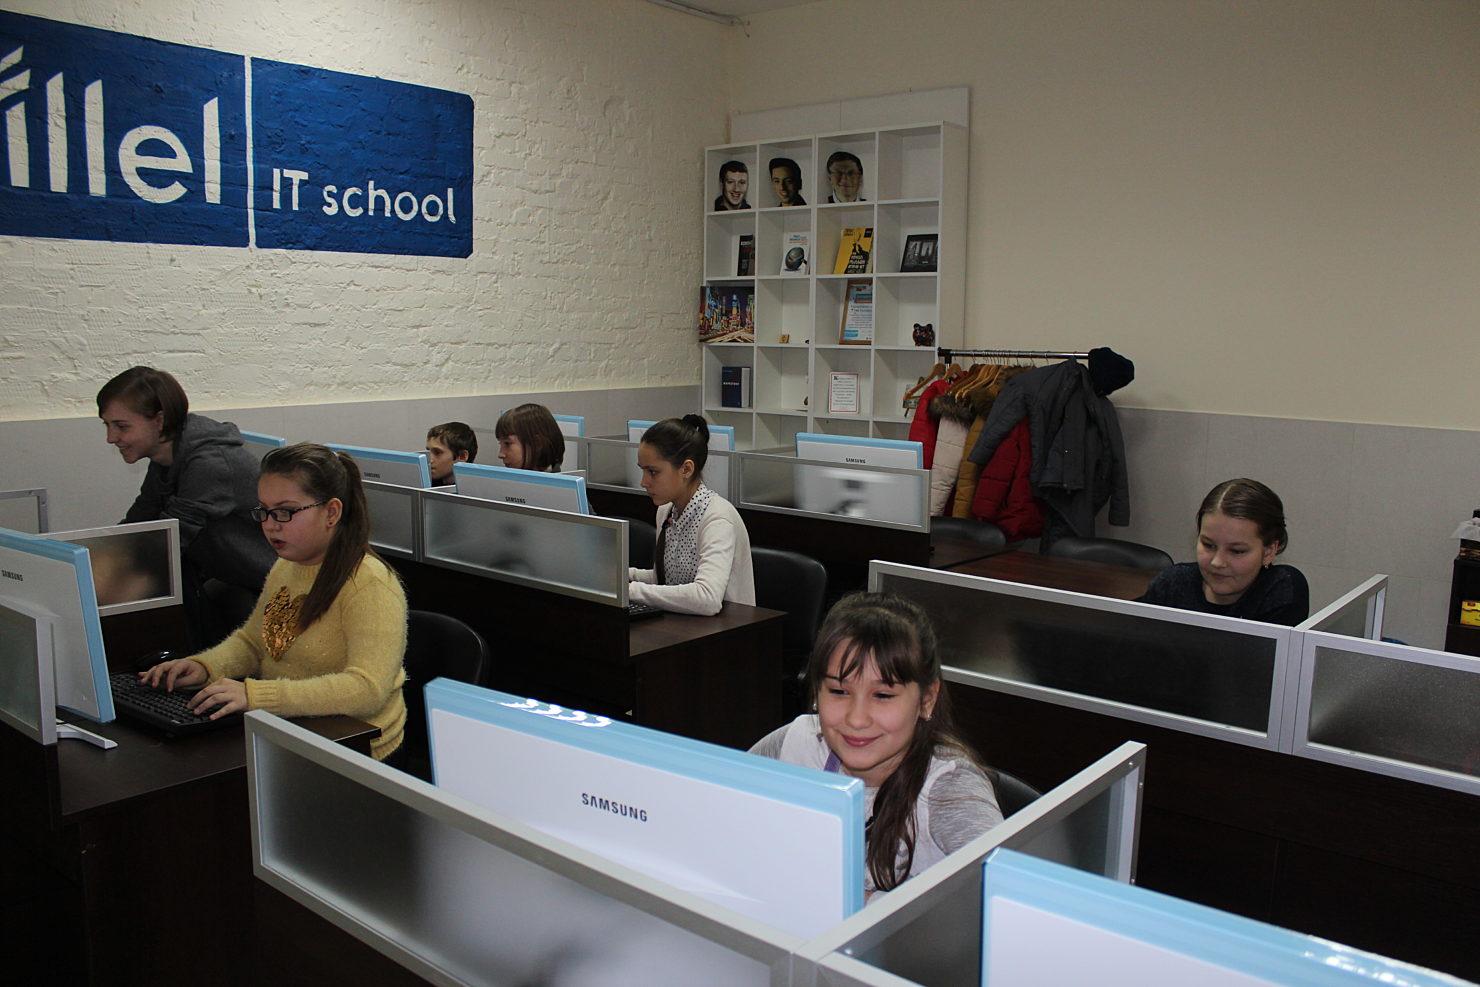 Новости школы: Детский день в Компьютерной школе Hillel. Занятие про